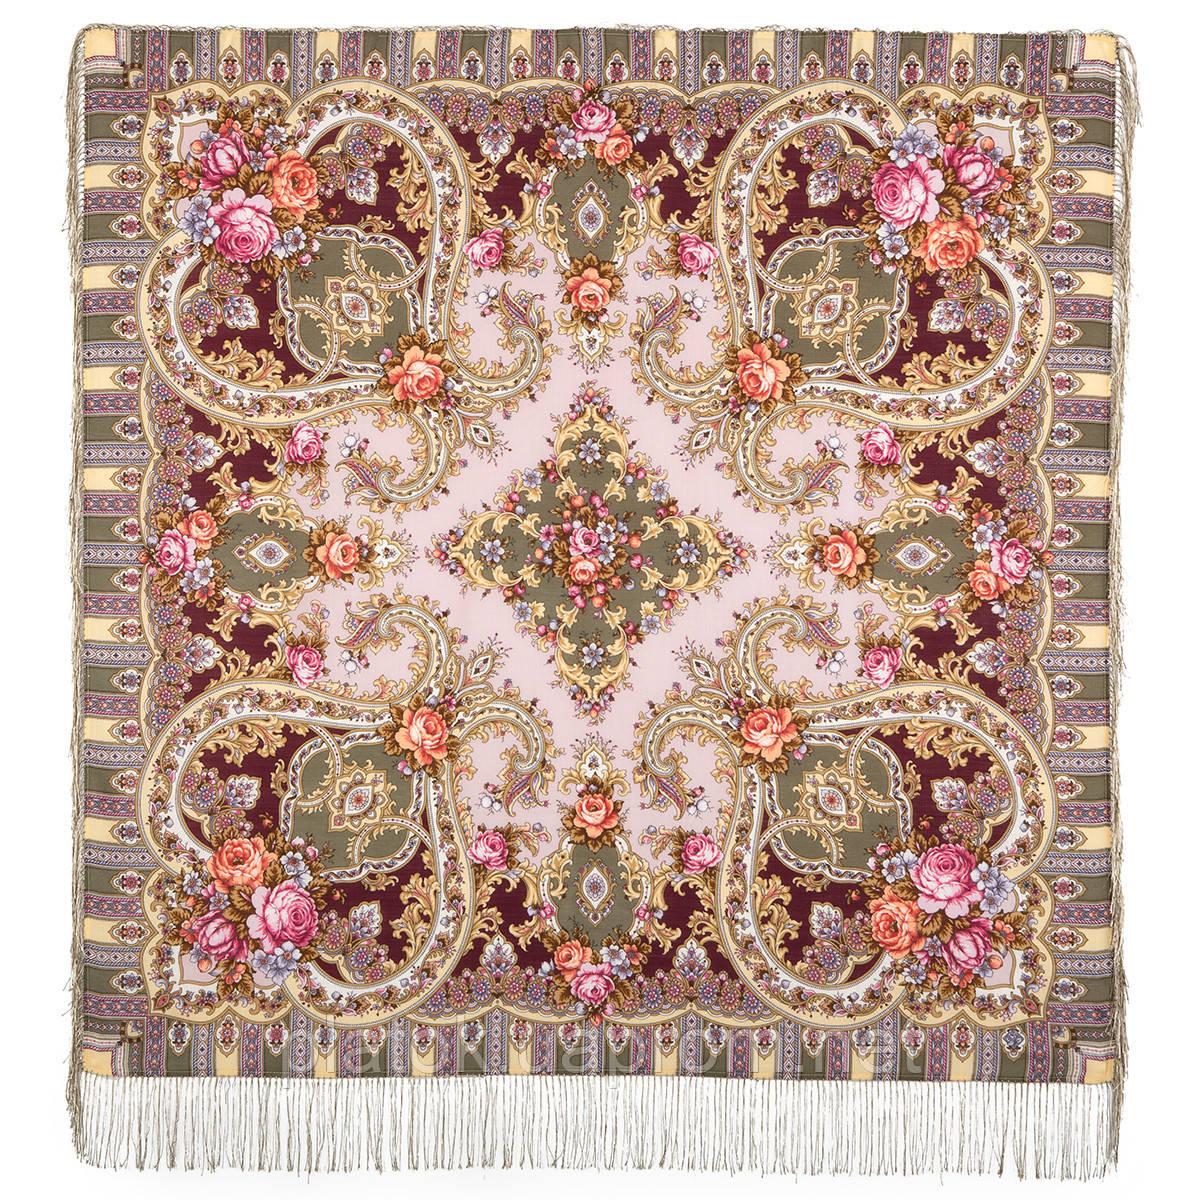 Таинственный образ 1782-53, павлопосадский платок шерстяной с шелковой бахромой - Русский платок в Киеве